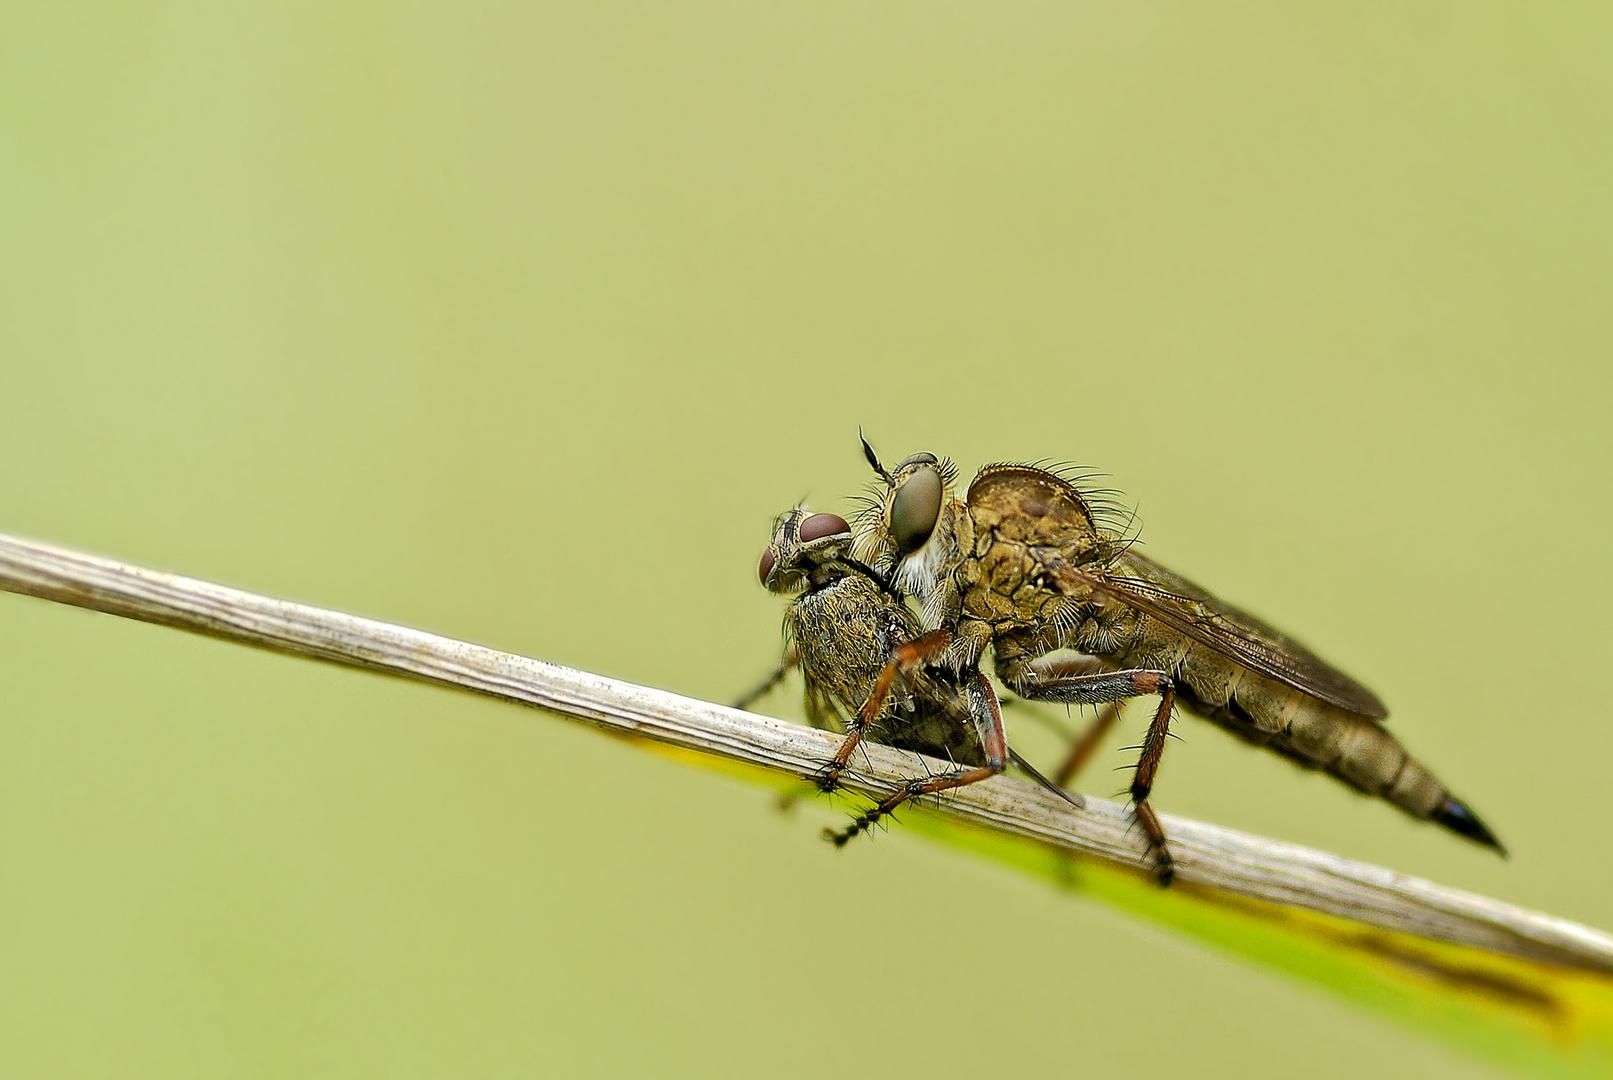 Raubfliege raubt Fliege